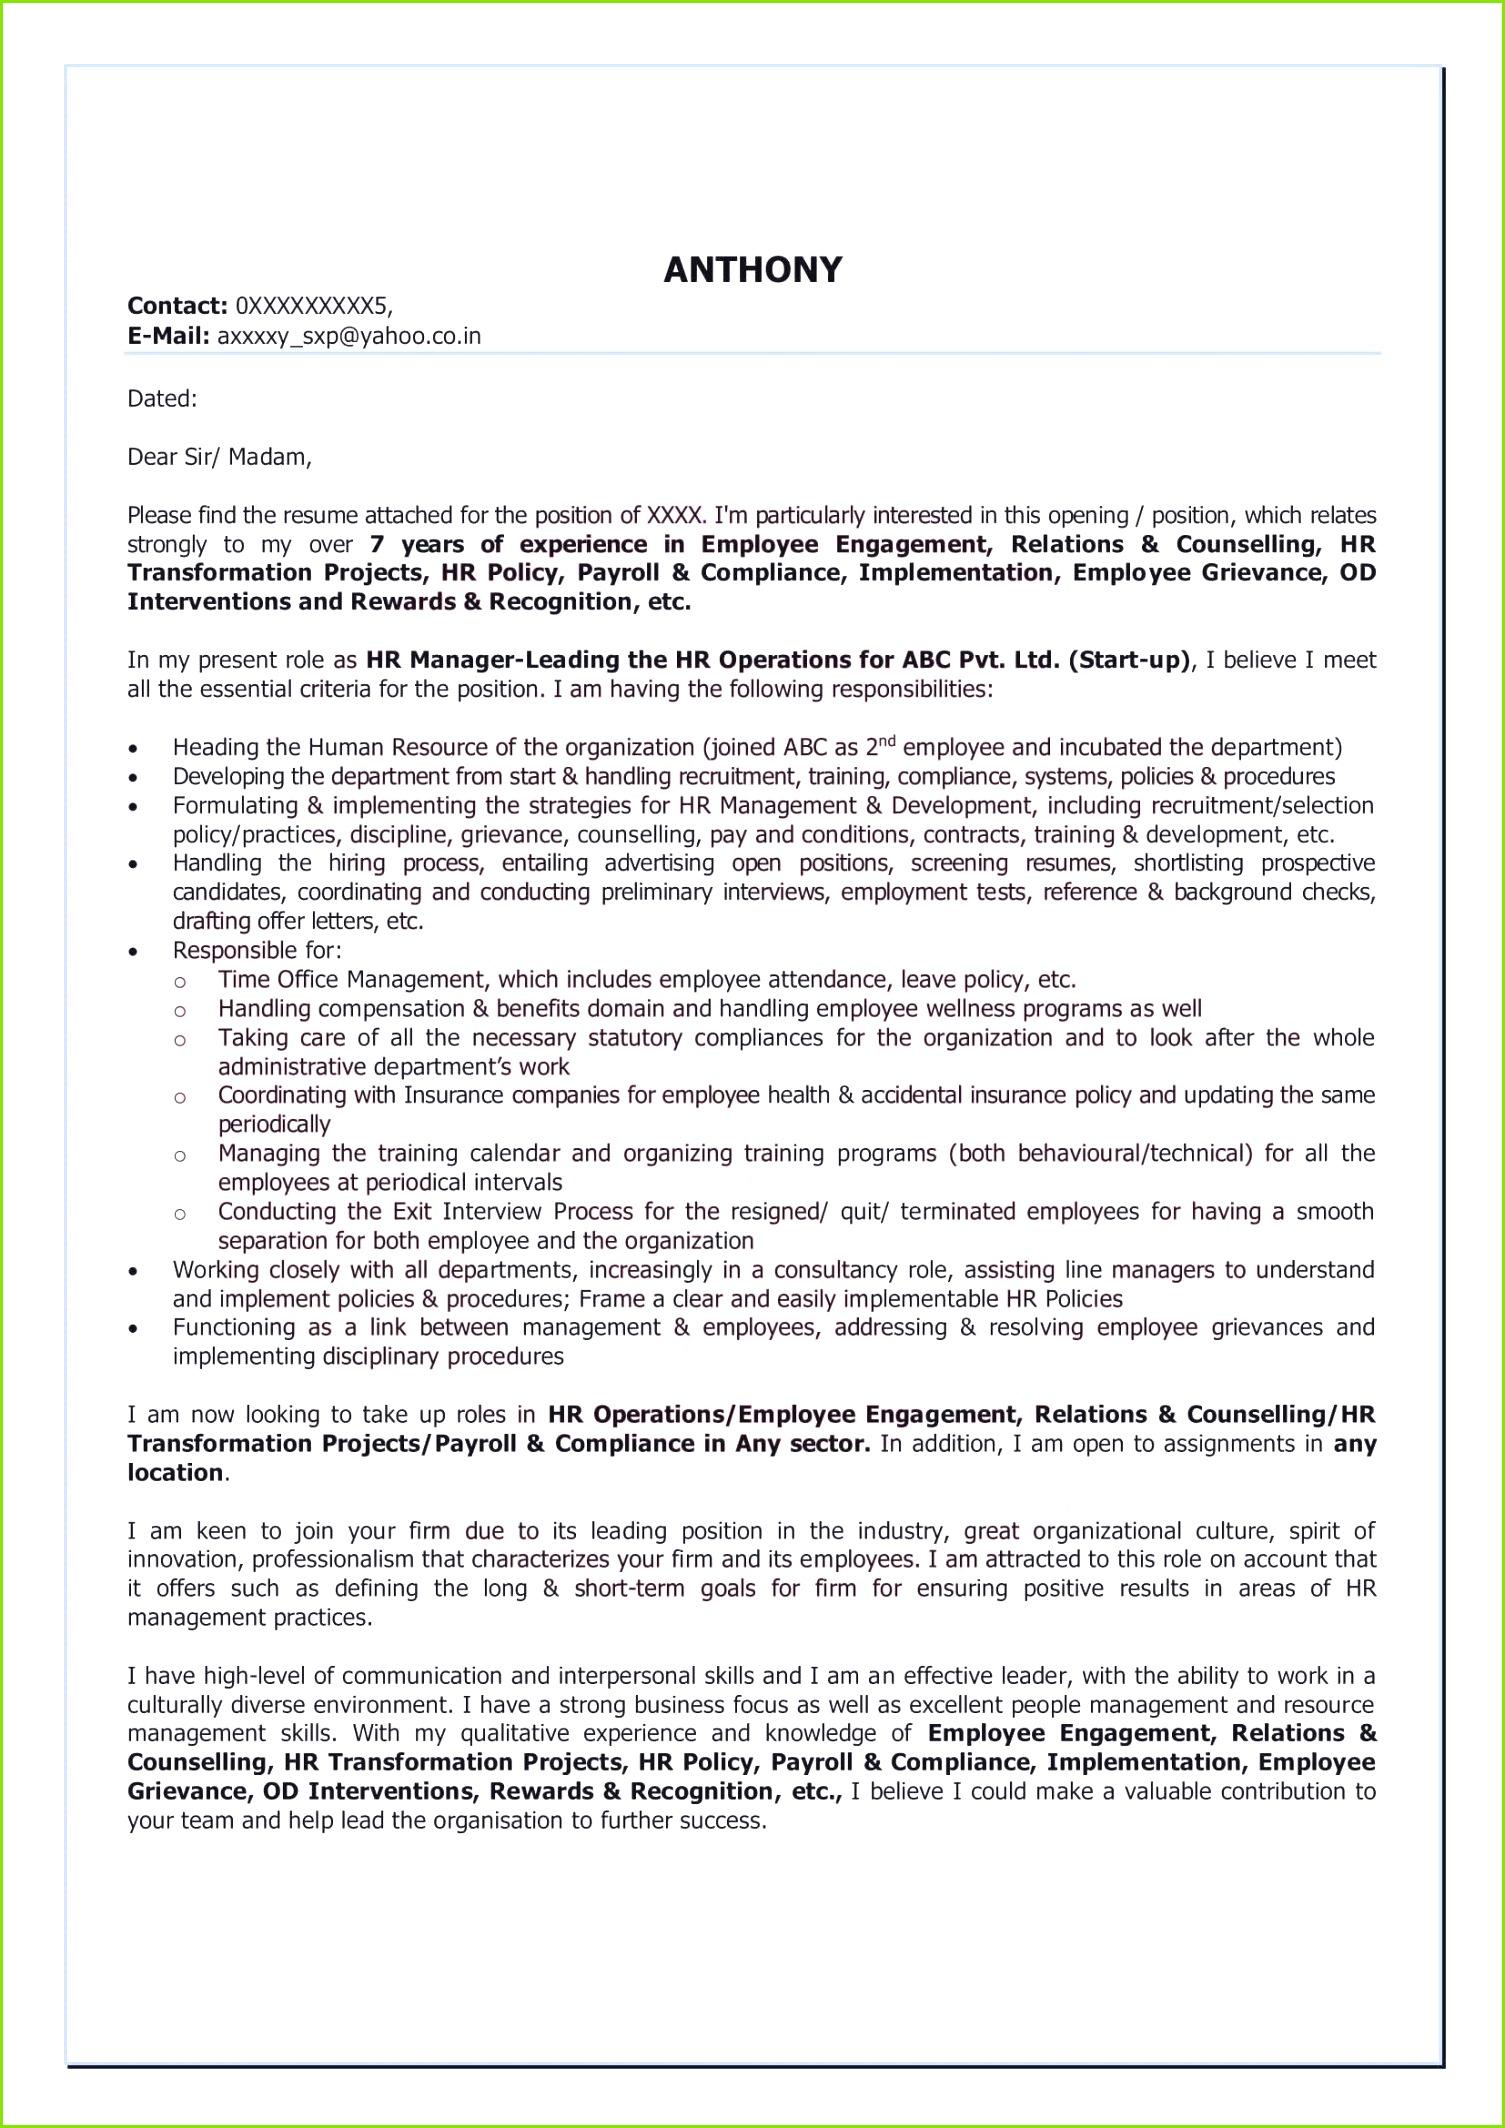 Vereinbarung Kindesunterhalt Muster Kostenlos Unique Kündigung Primär Mietvertrag Osterreich Vorlage